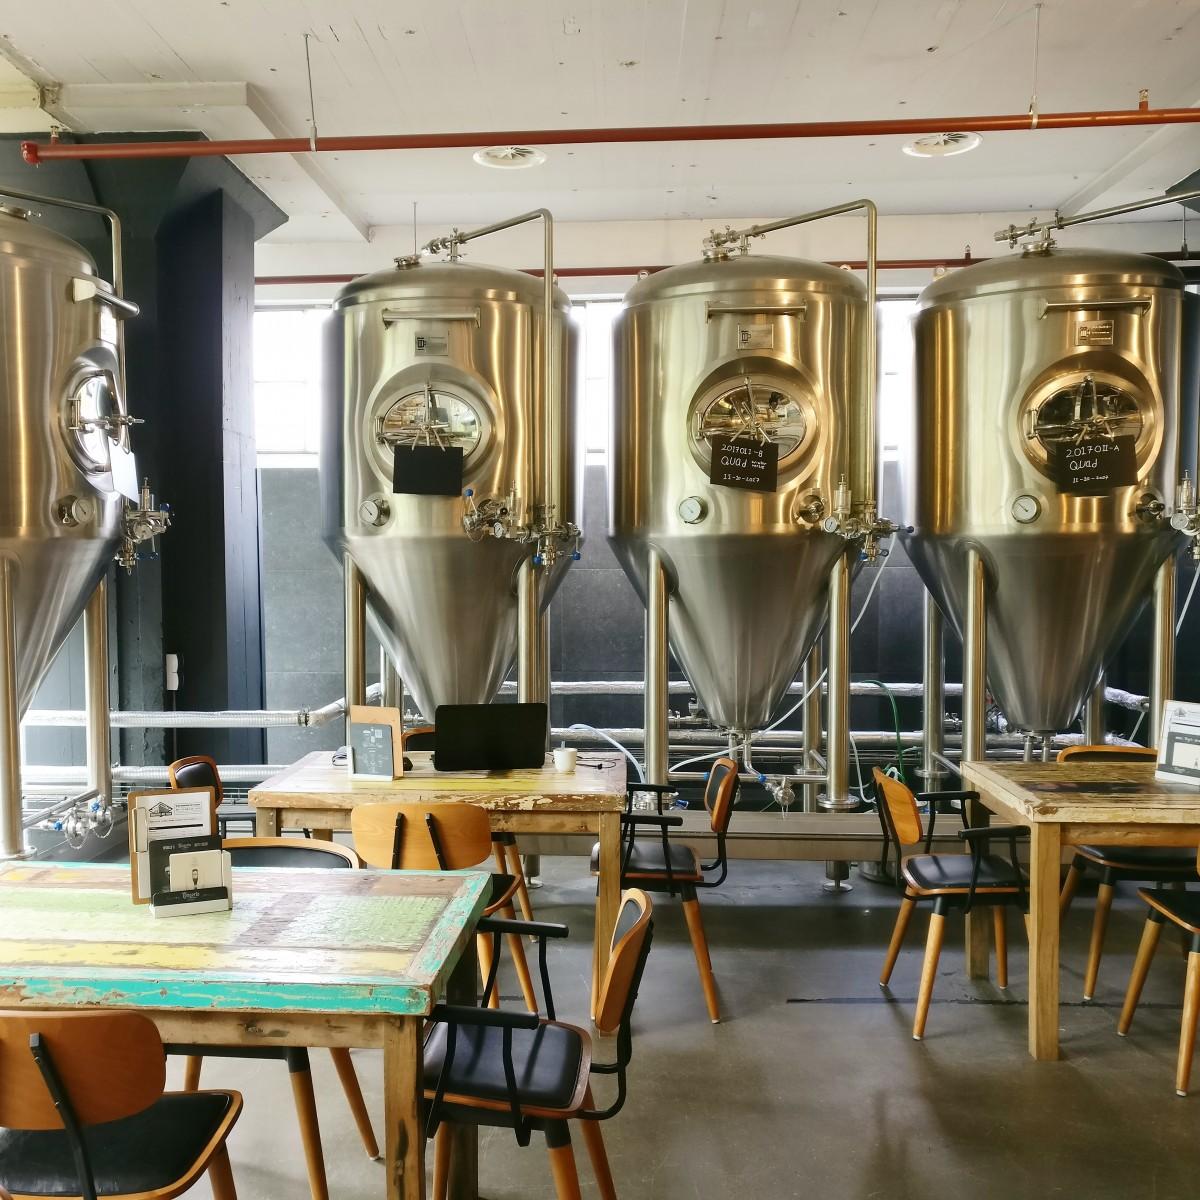 bierHOTSPOT: brouwerij & proeflokaal Het Veem in Eindhoven